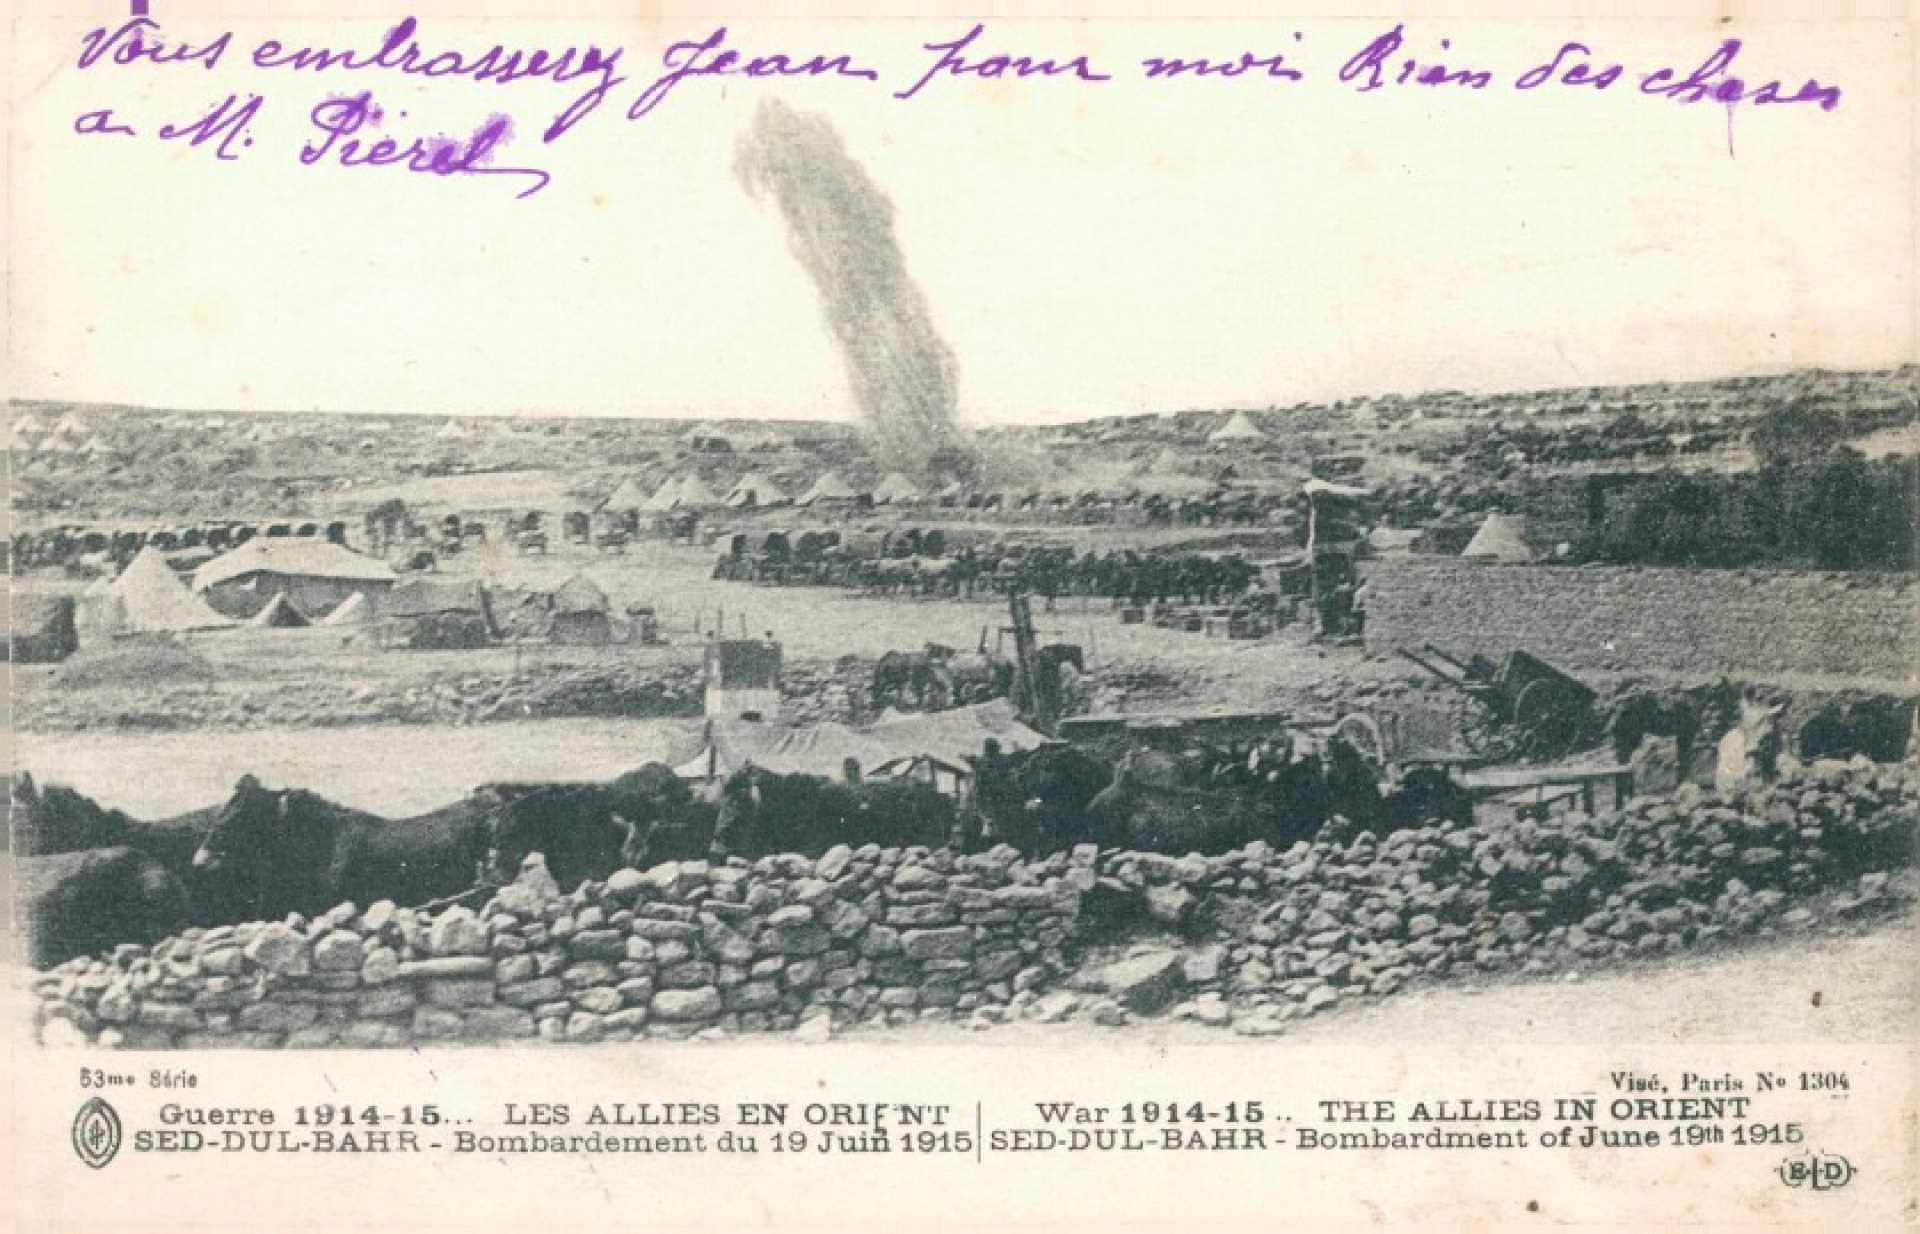 Guerre 1914-15… Les Allies en orient Sed-Dul-Bahr – Bombardement du 19 Juin 1915